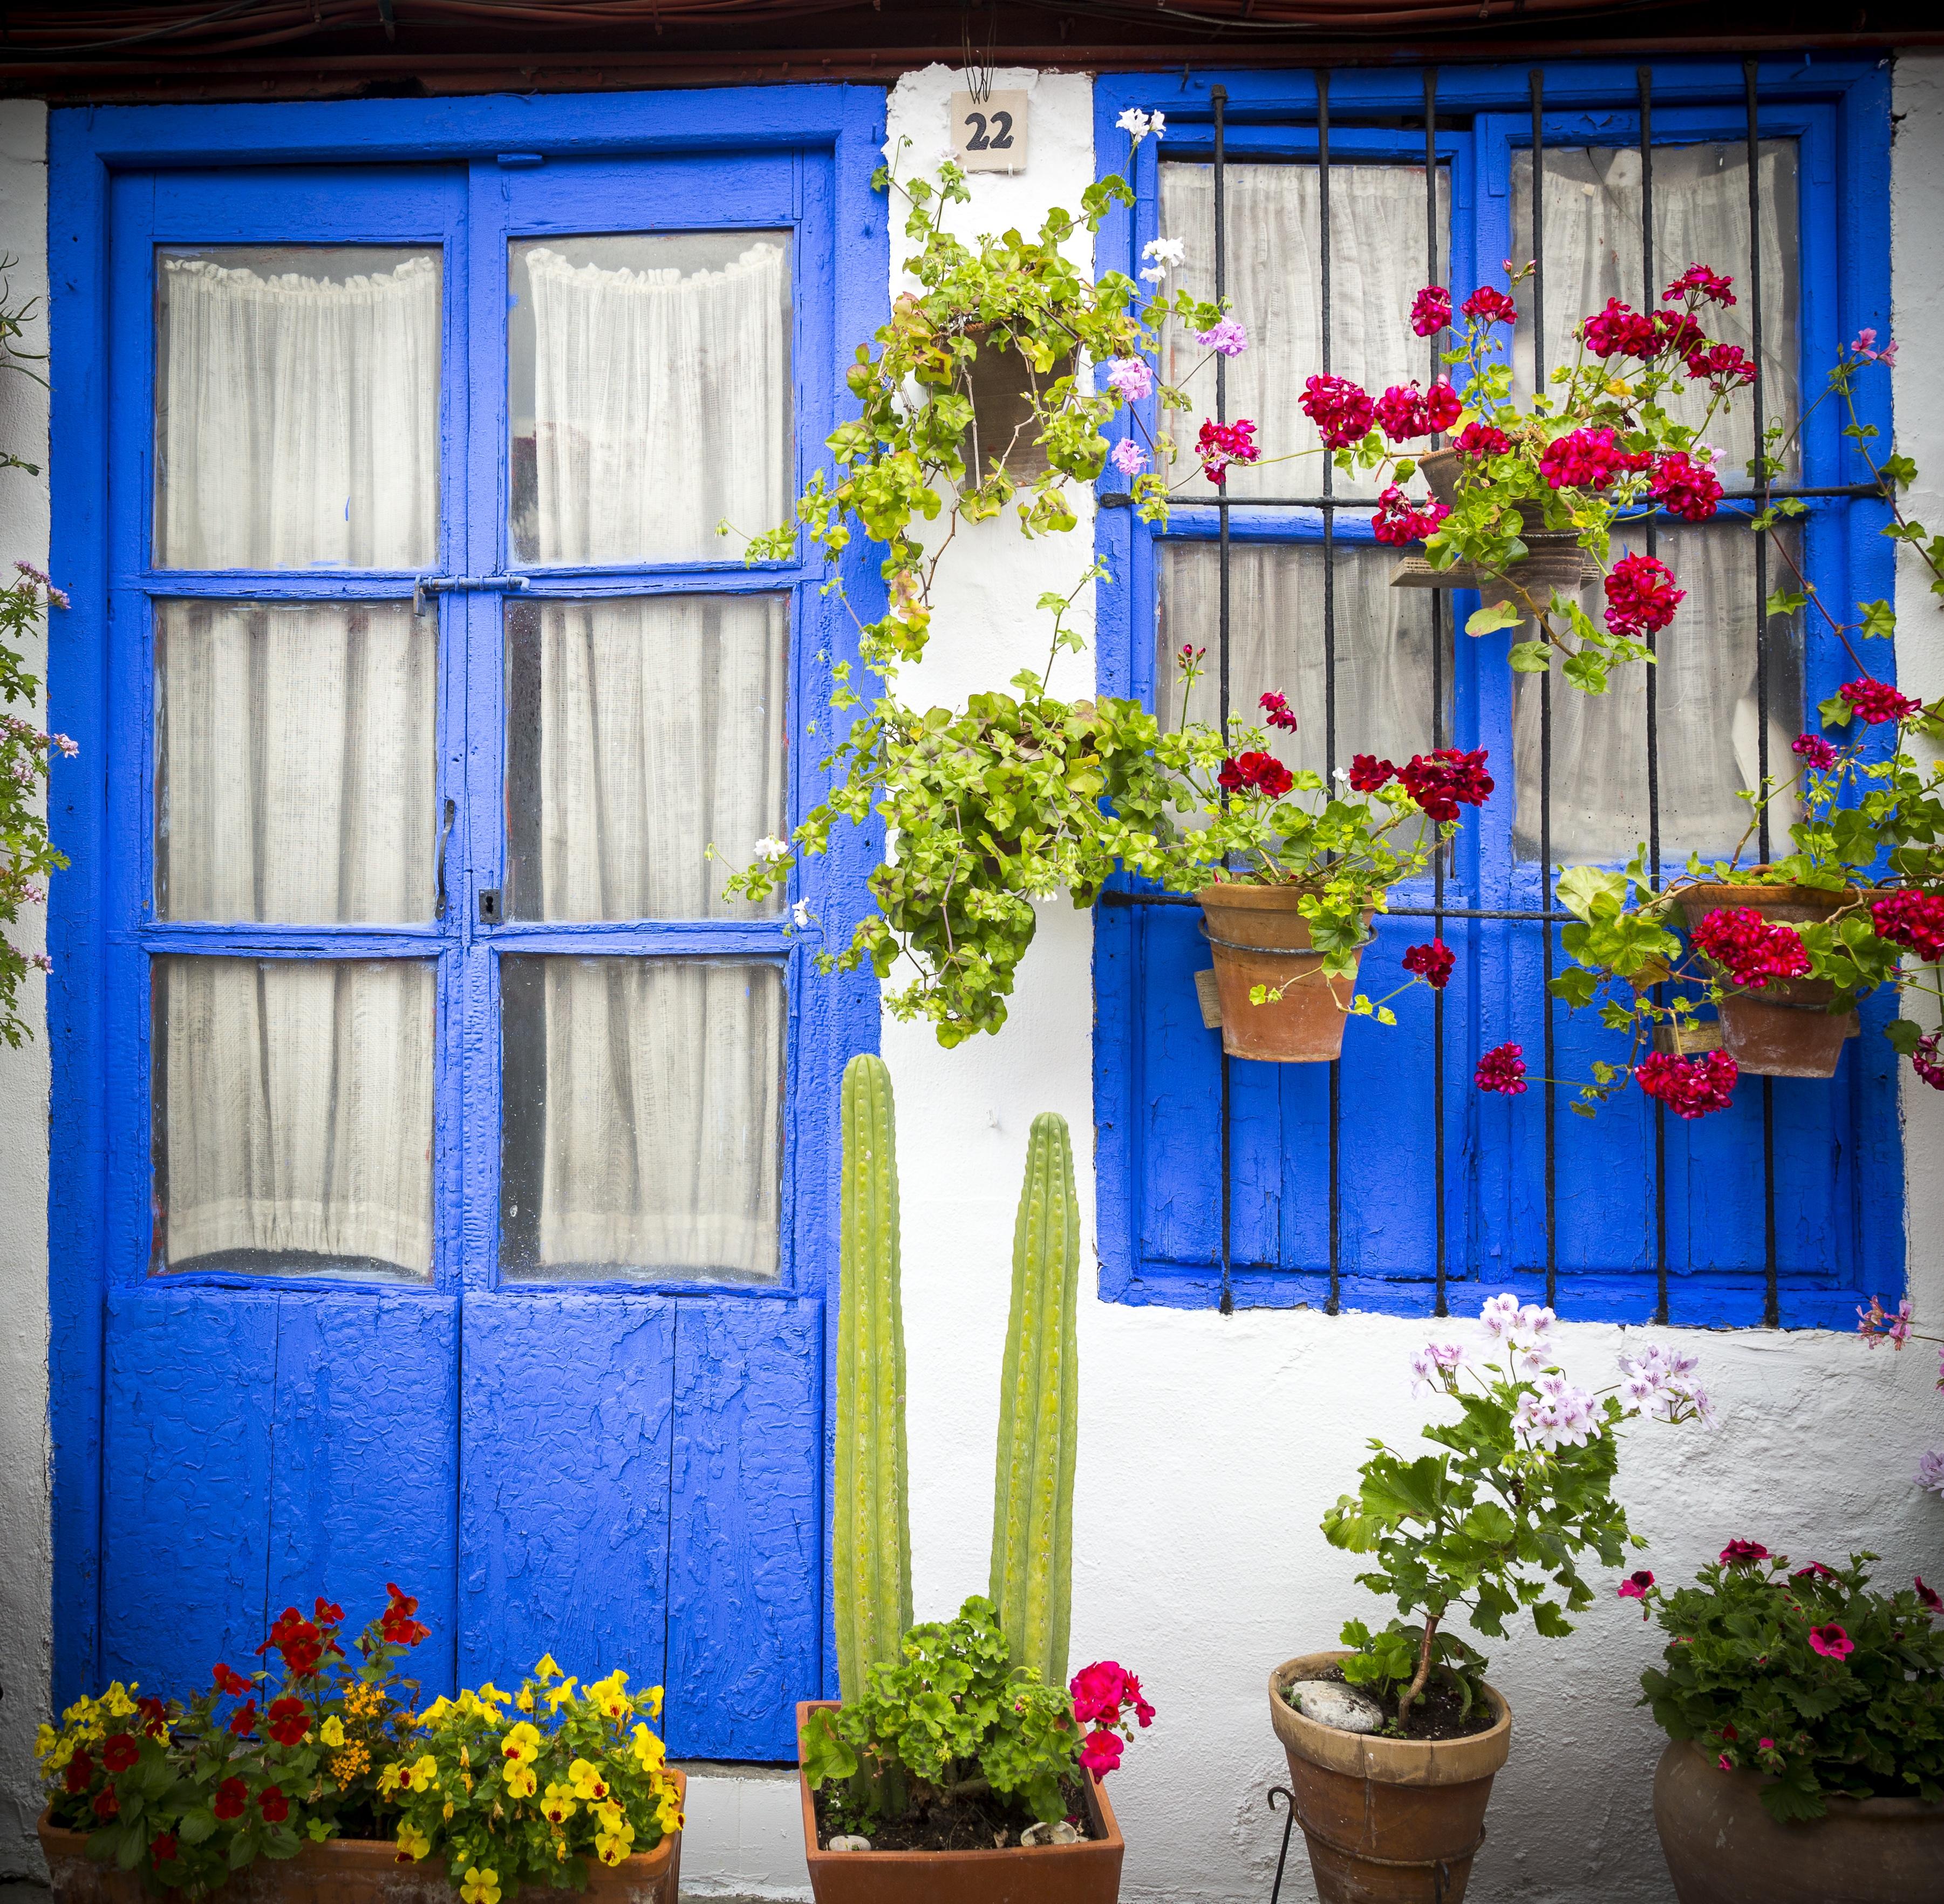 Images Gratuites Plante Maison Balcon Vert Facade Bleu